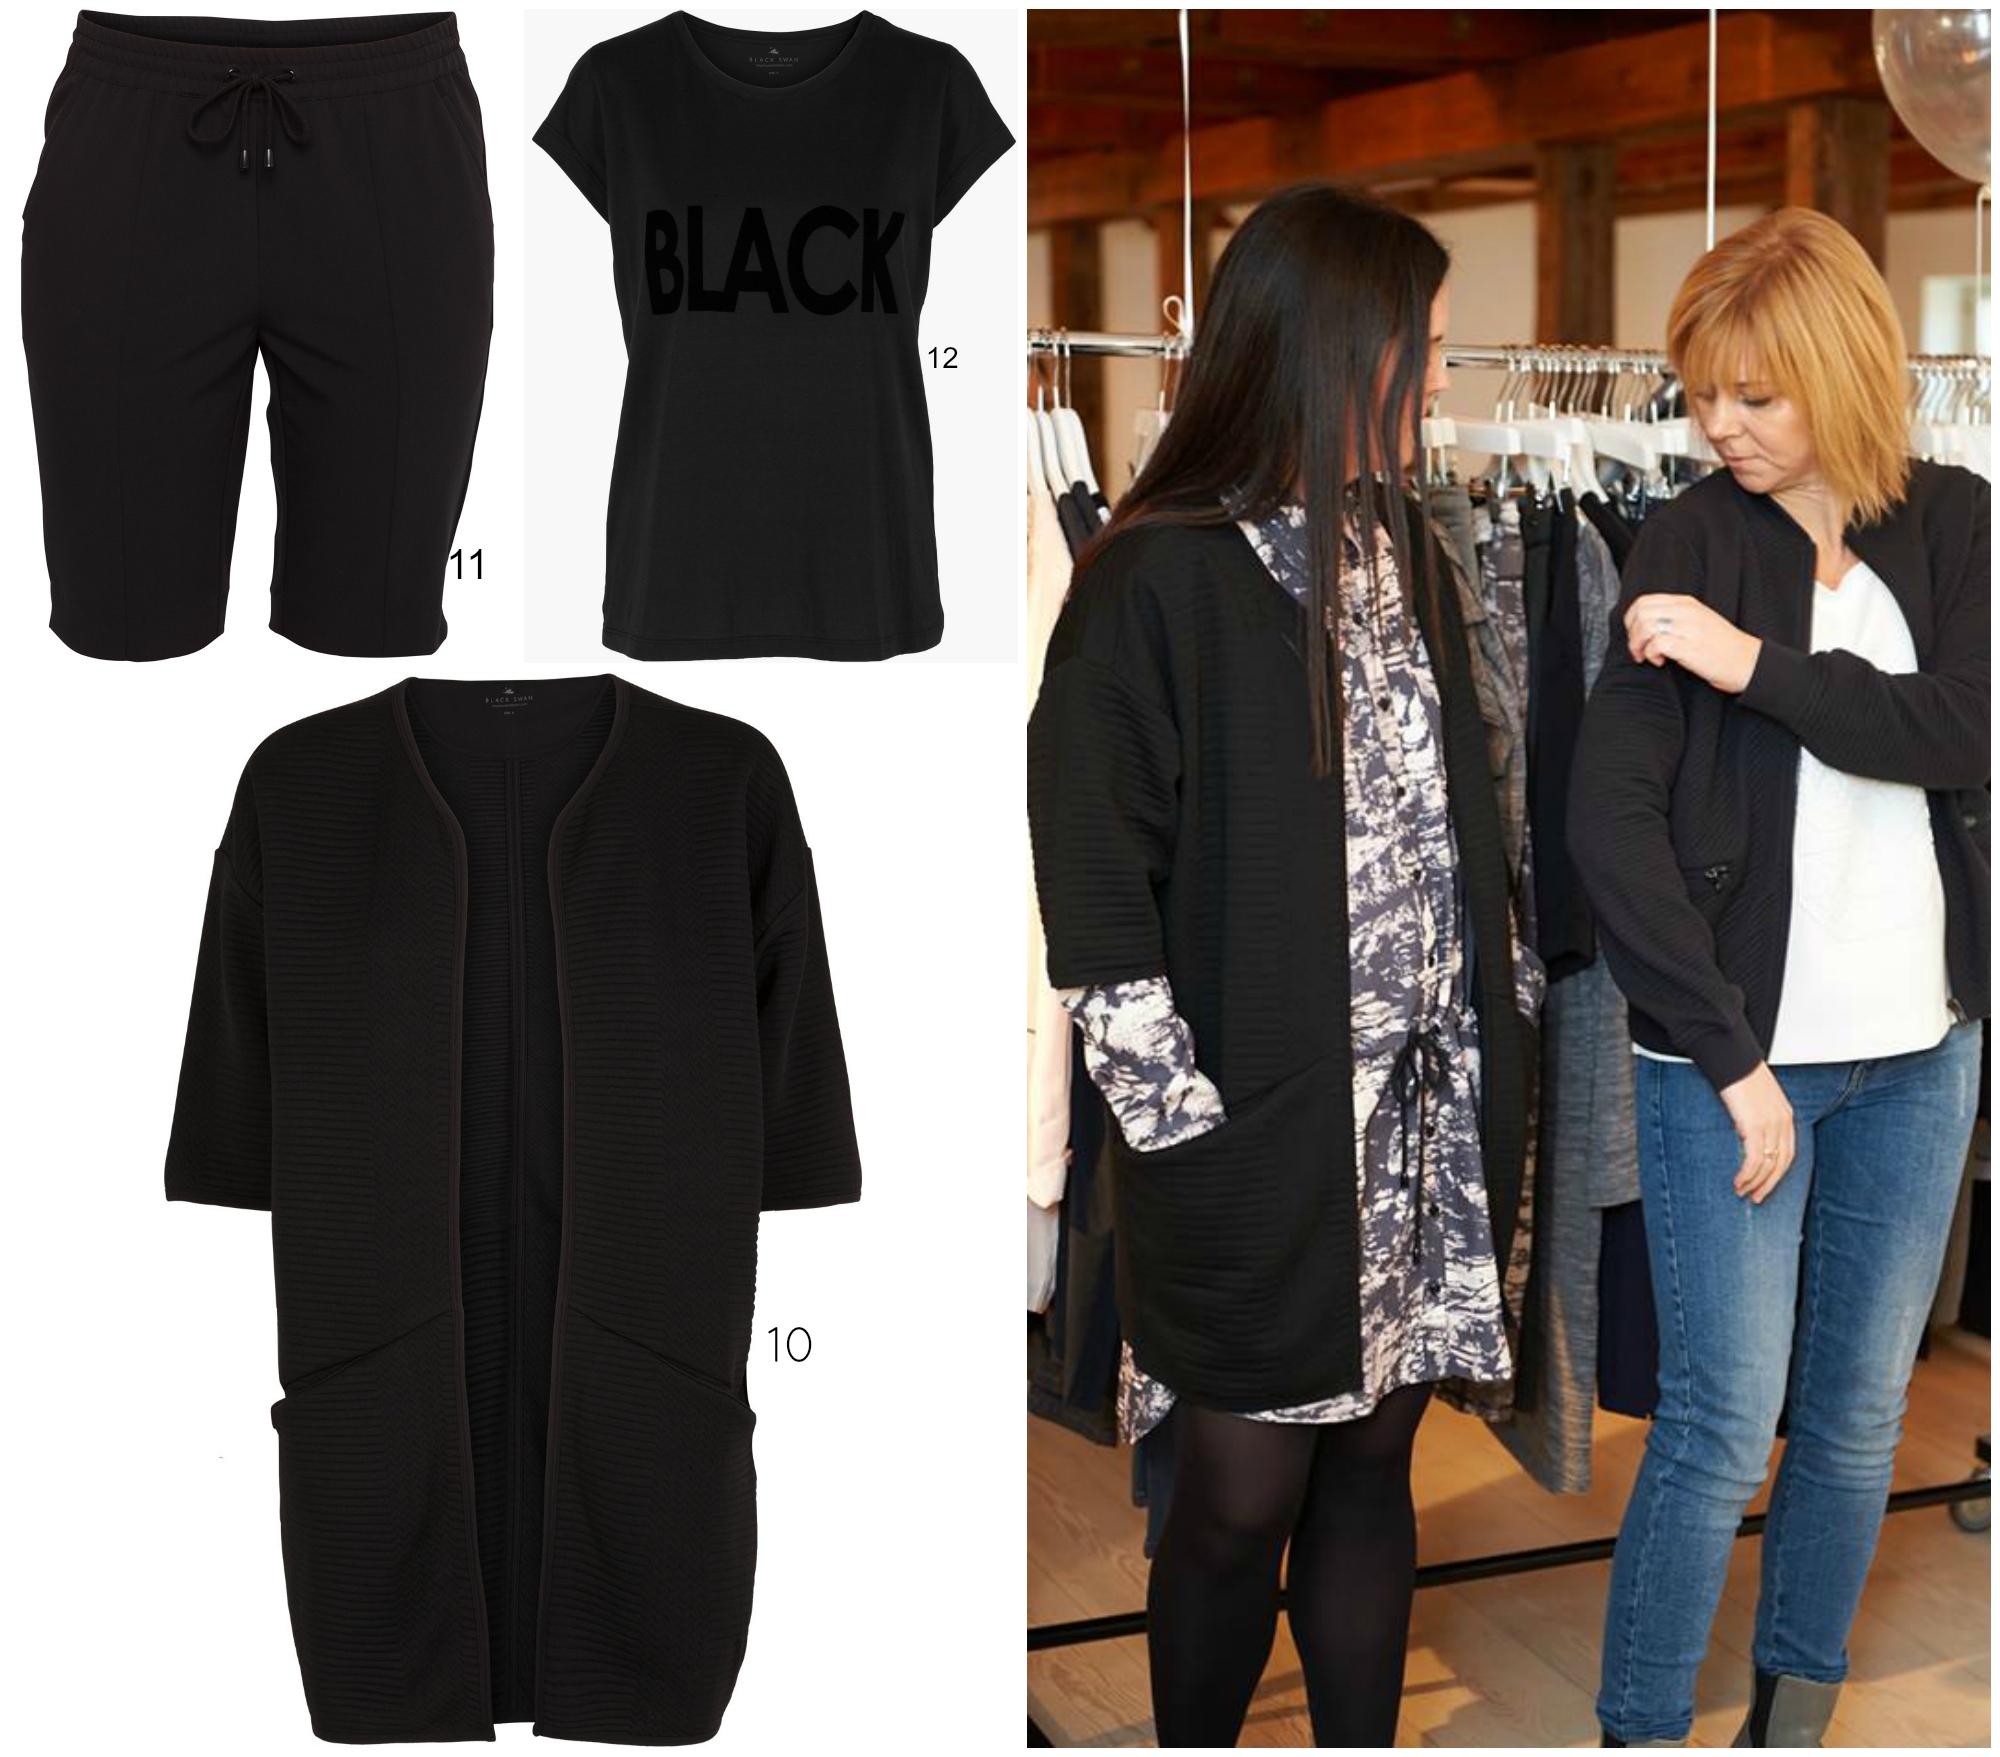 Black swan fashion ss15 b